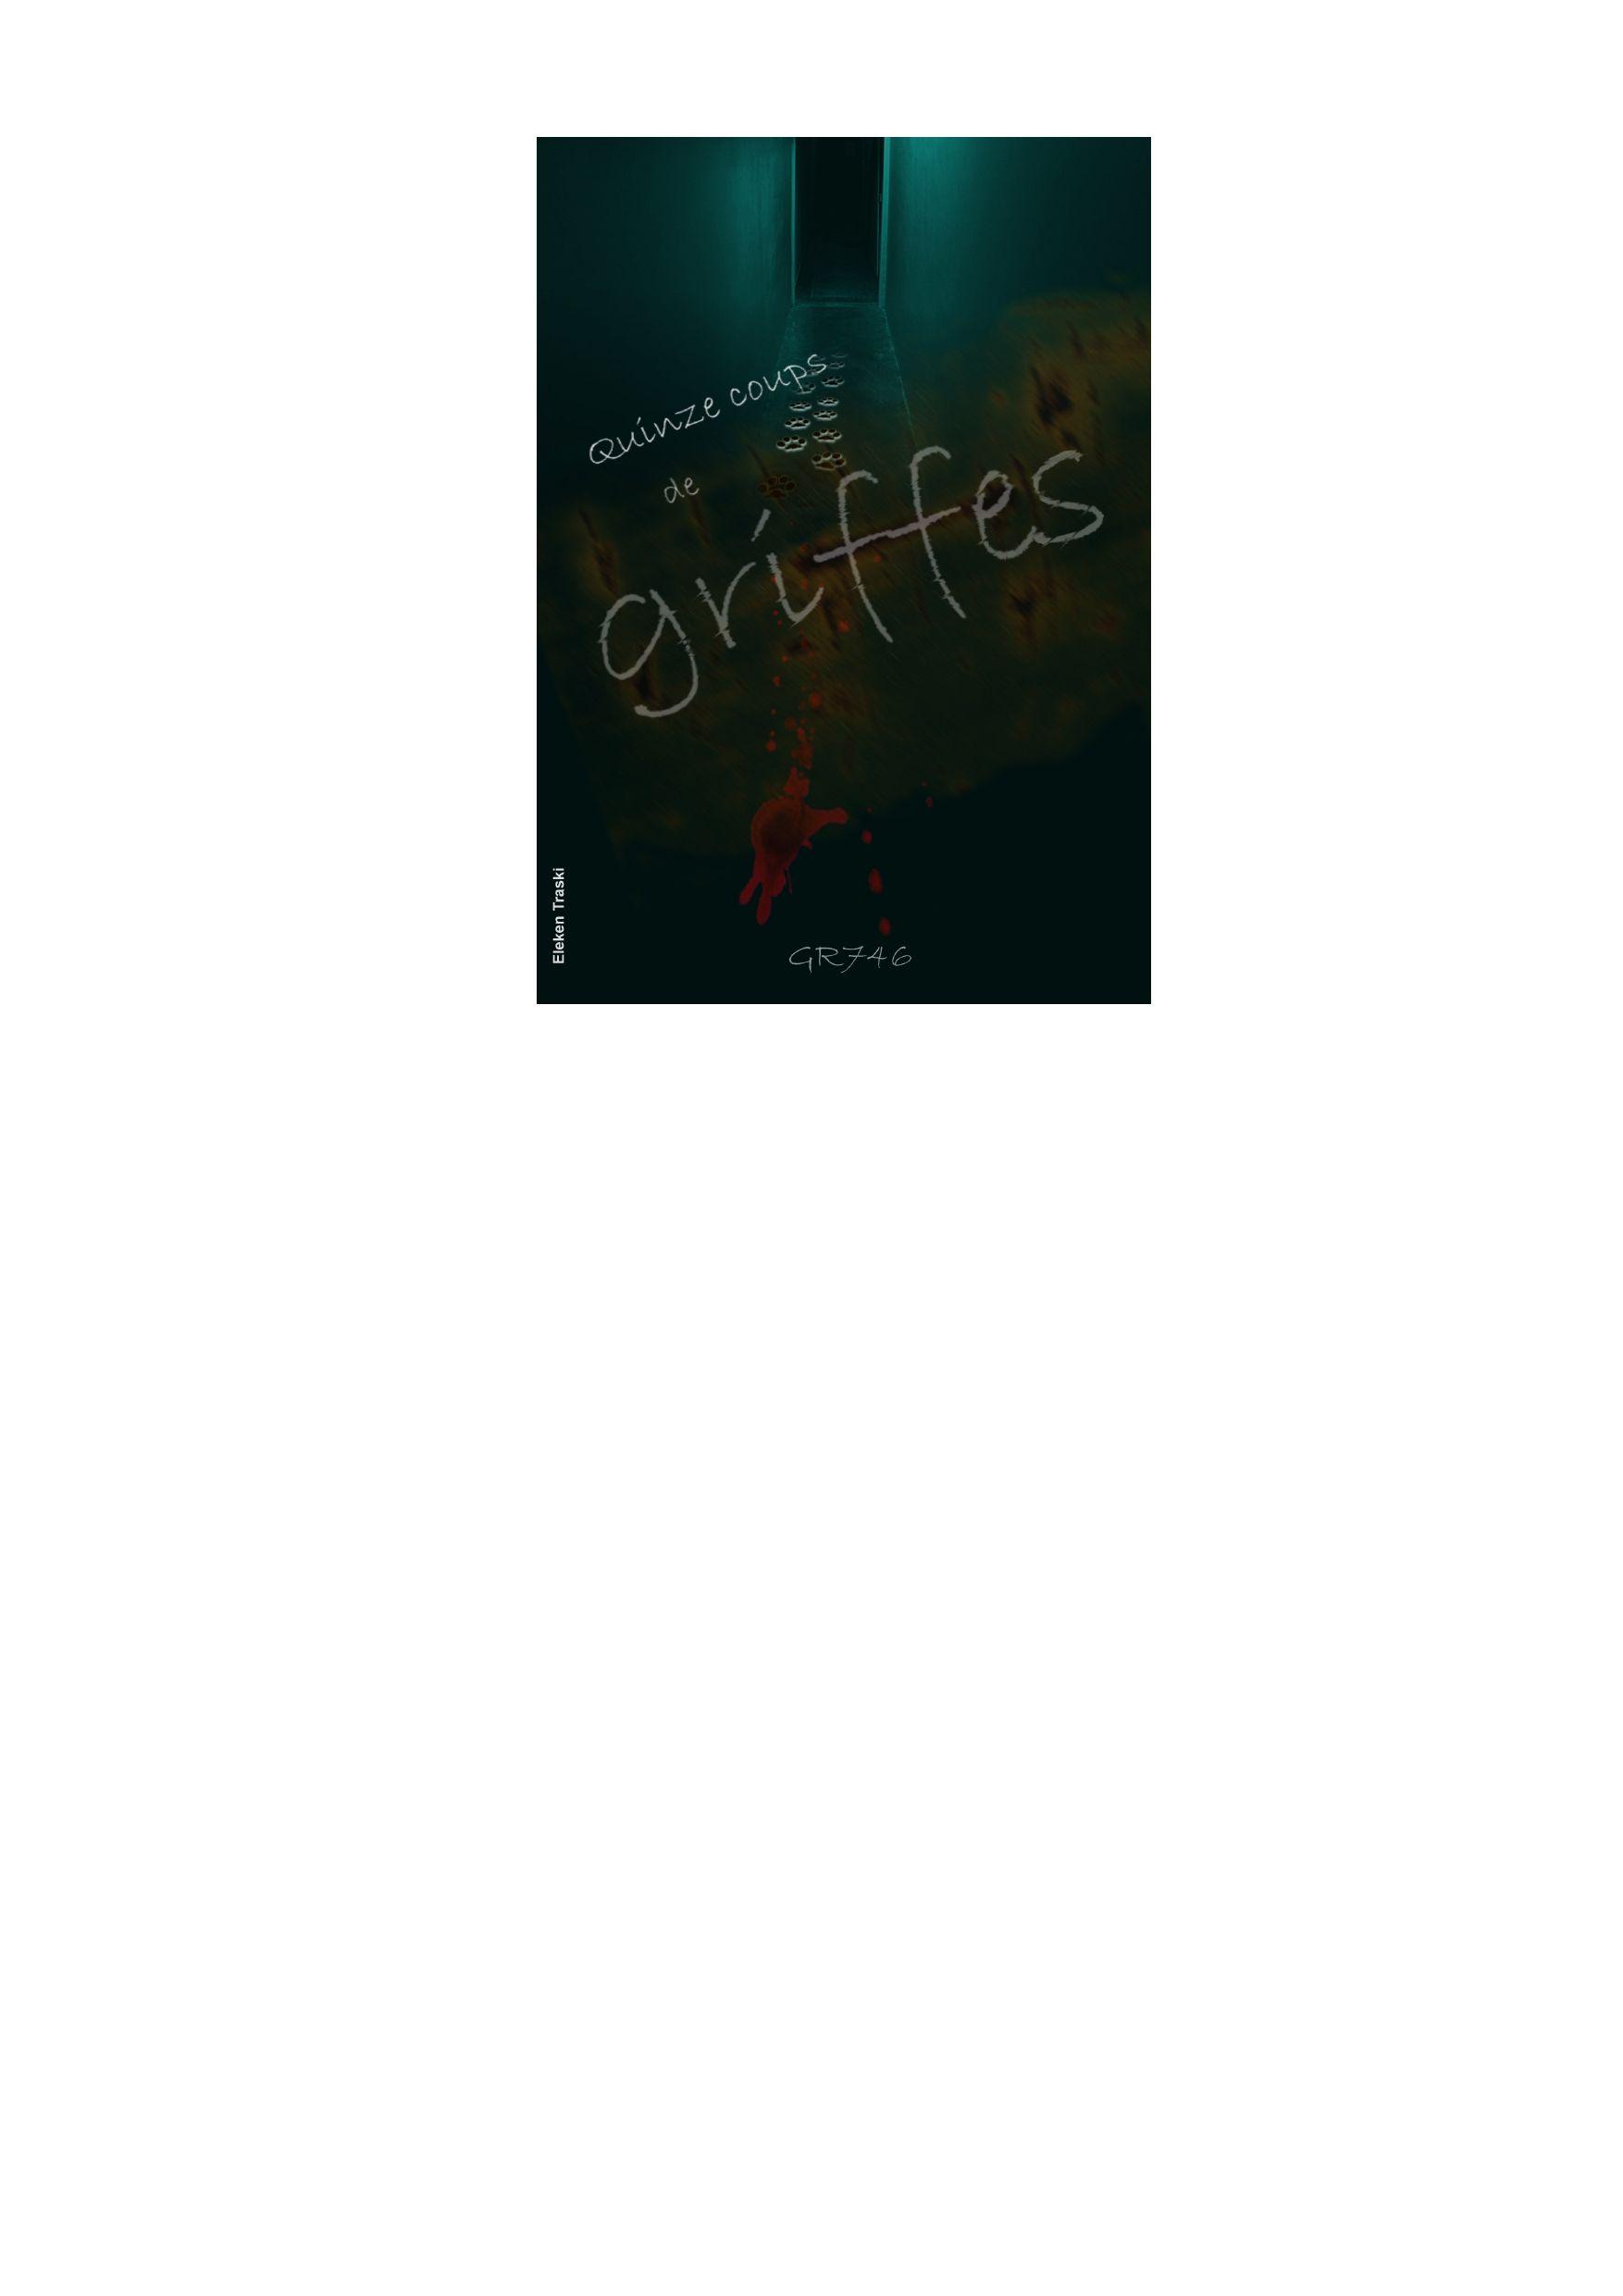 spiritueux verrou Poisson Carnassier 18 cm Balle de la gorge Verrou Gorge verrouillage